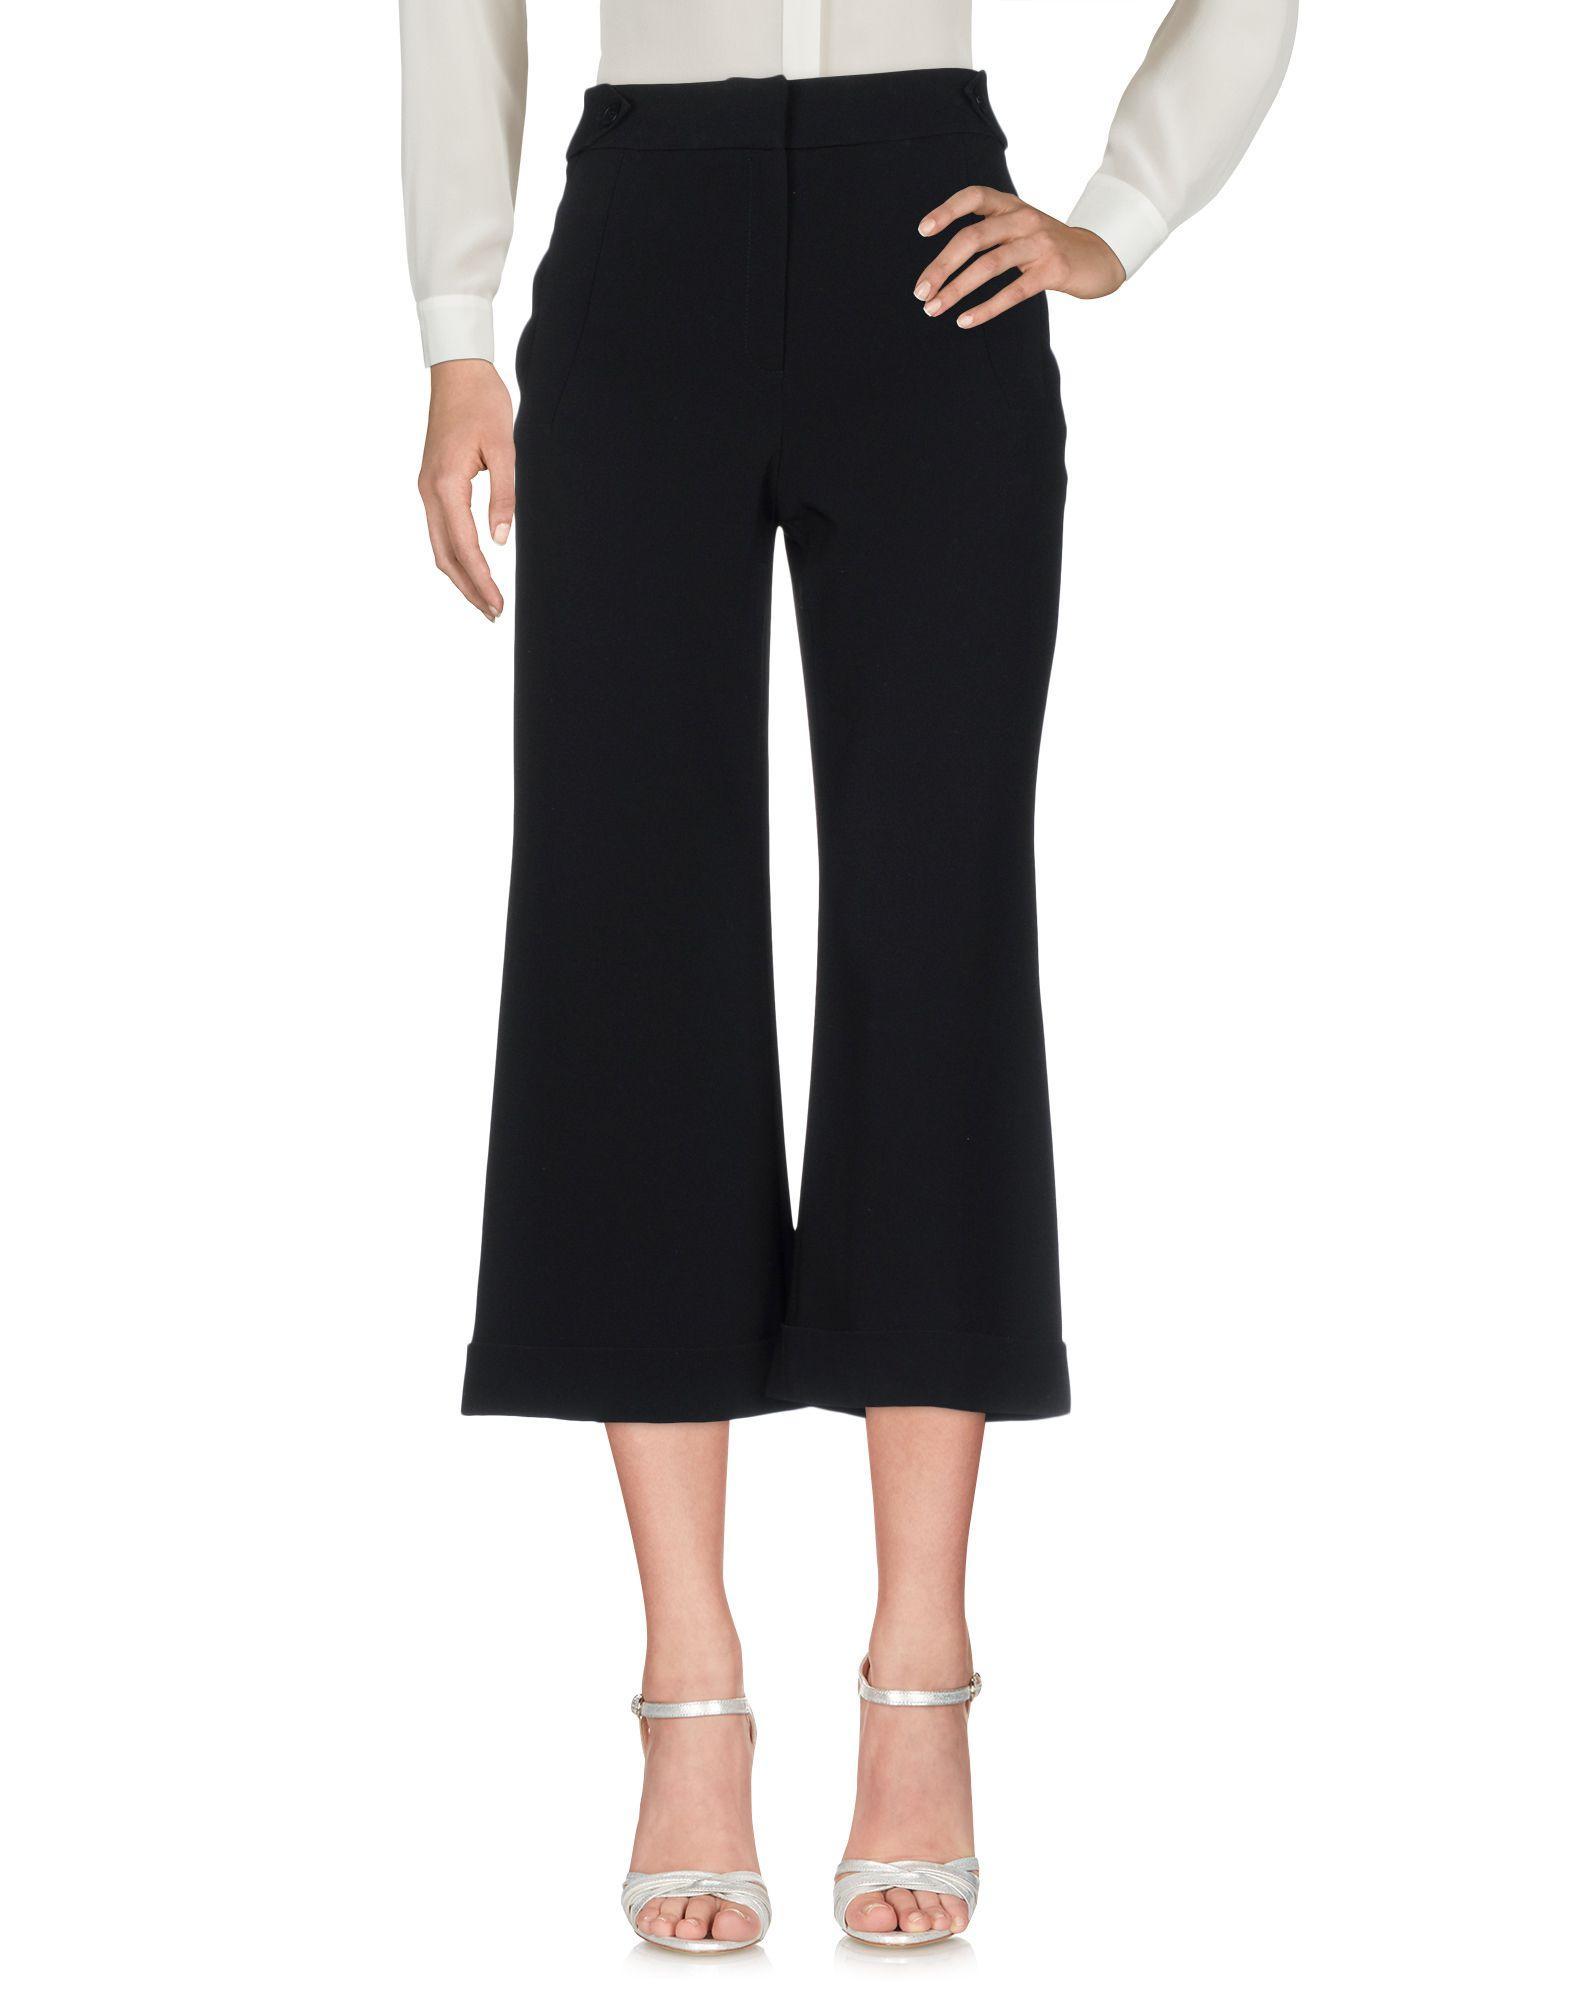 Karen Millen 3/4-length Shorts In Black